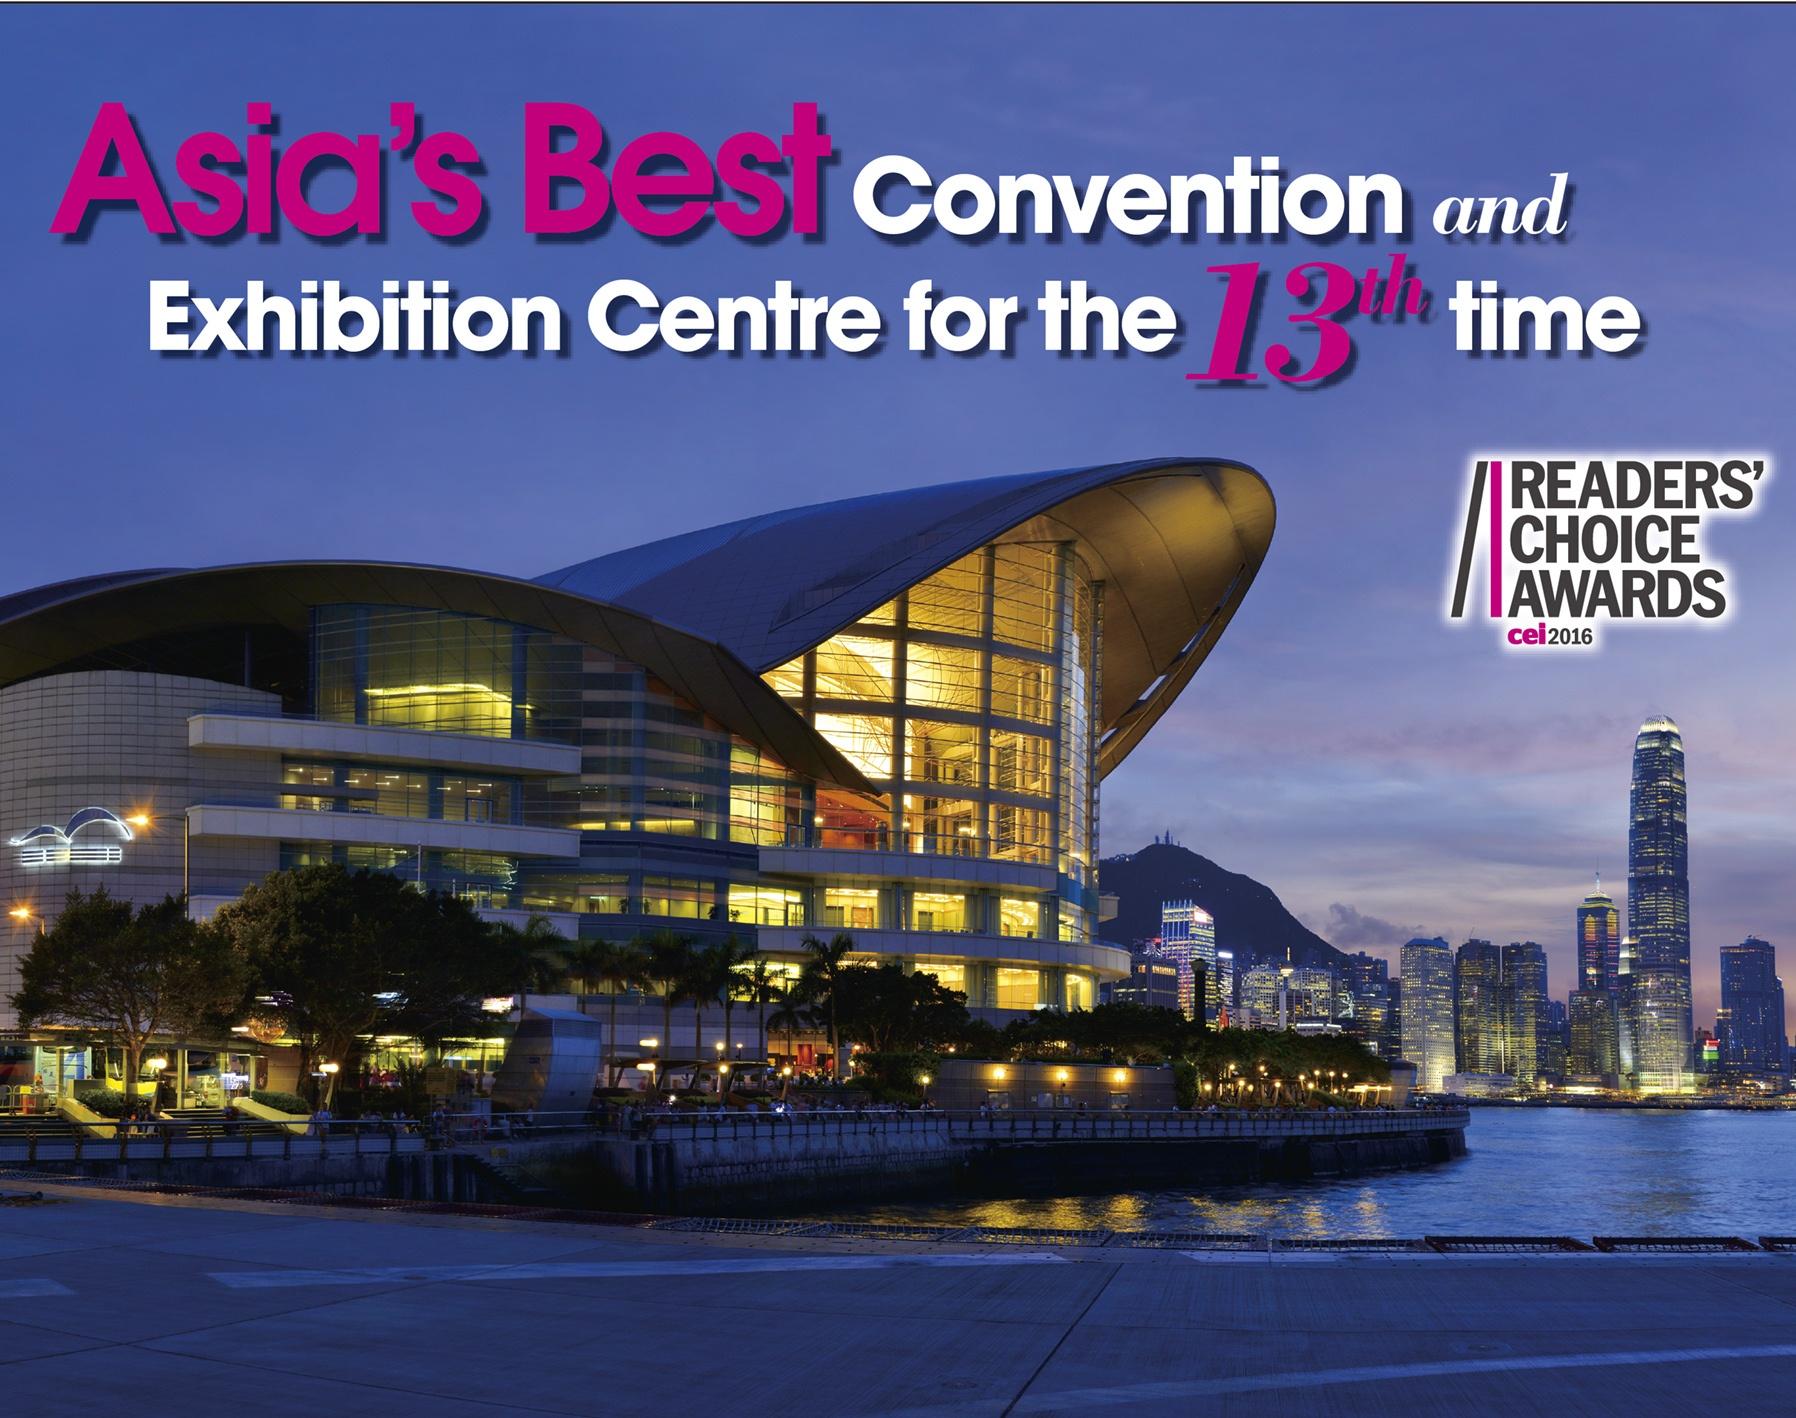 榮獲「亞洲最佳會議展覽中心」